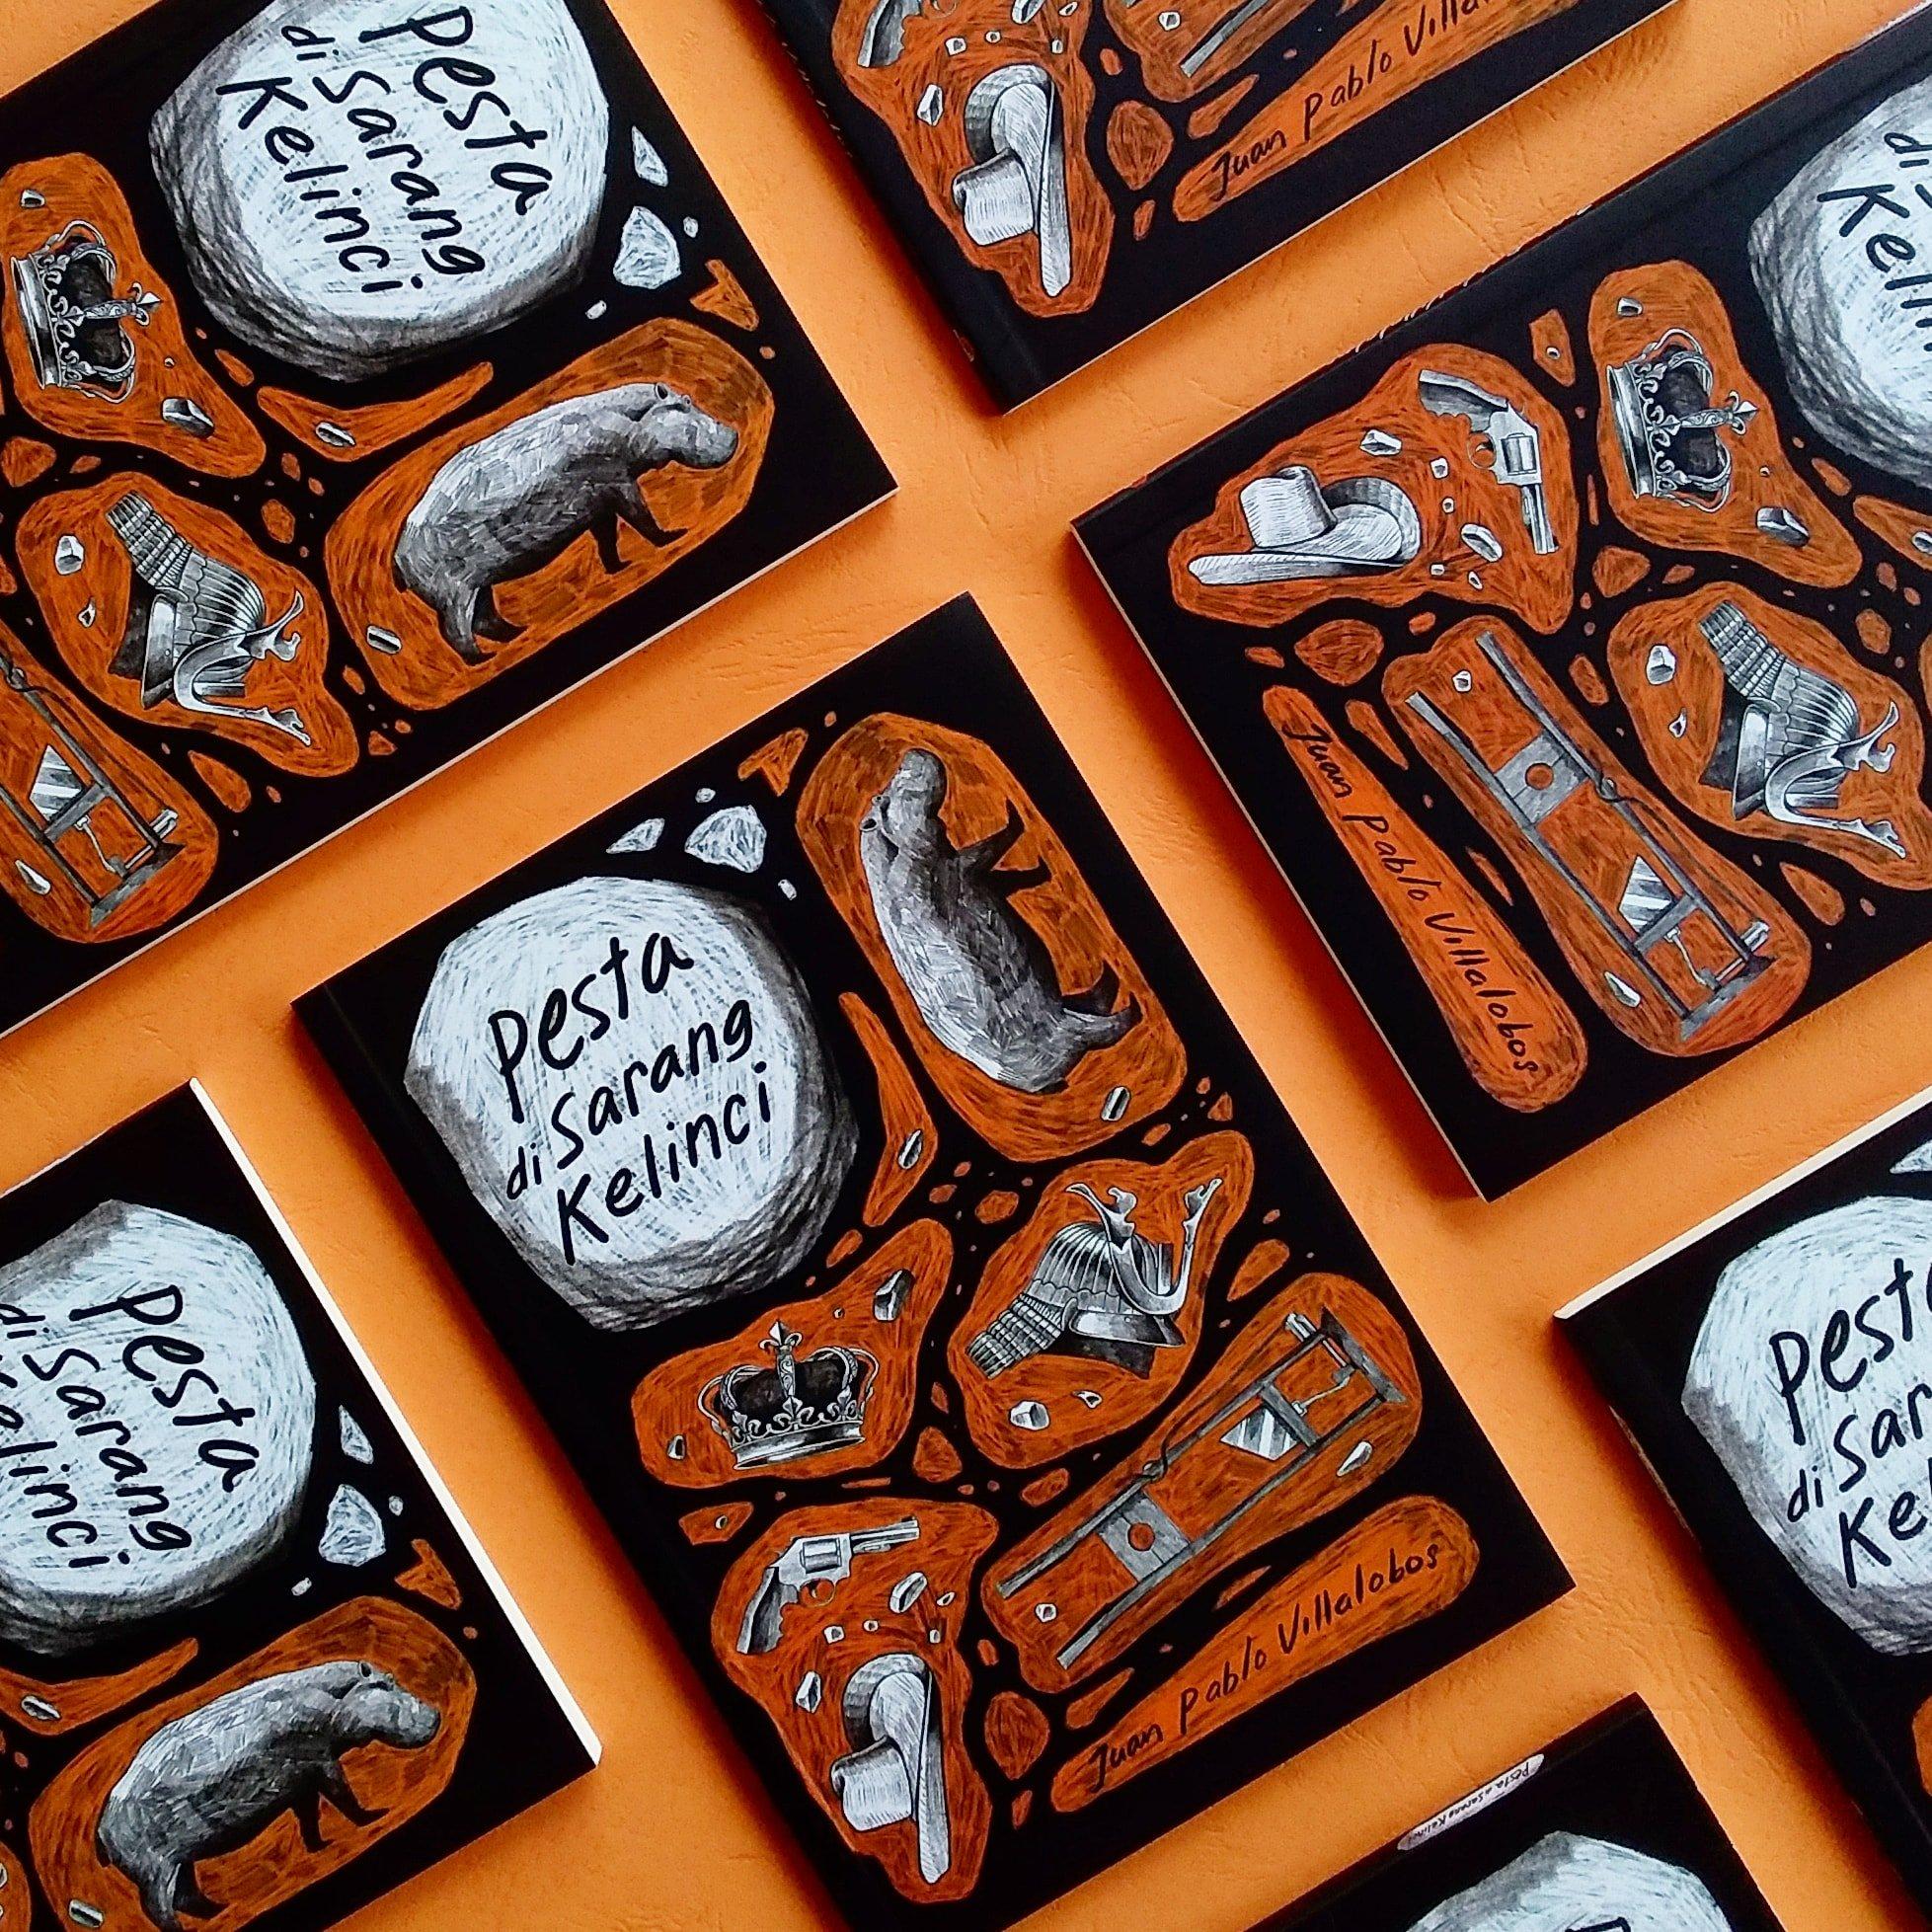 Labirin Buku On Twitter Terbit Hari Ini Pesta Di Sarang Kelinci Karya Juan Pablo Villalobos Diterjemahkan Dari Bahasa Spanyol Oleh Gita Nanda Desain Sampul Oleh Sukutangan Mari Ikuti Perjalanan Tochtli Seorang Anak Bandar Narkoba Yang Ingin - Pesta Di Sarang Kelinci, Kertas Paskah Bayi Dekorasi Kelinci Sarang Lebah Madu Merah Muda 25Cm Buy Kertas Tisu Sarang Lebah Dekorasi Kertas Buatan Tangan Dekorasi Pemotong Kertas Dekorasi Product On Alibaba Com